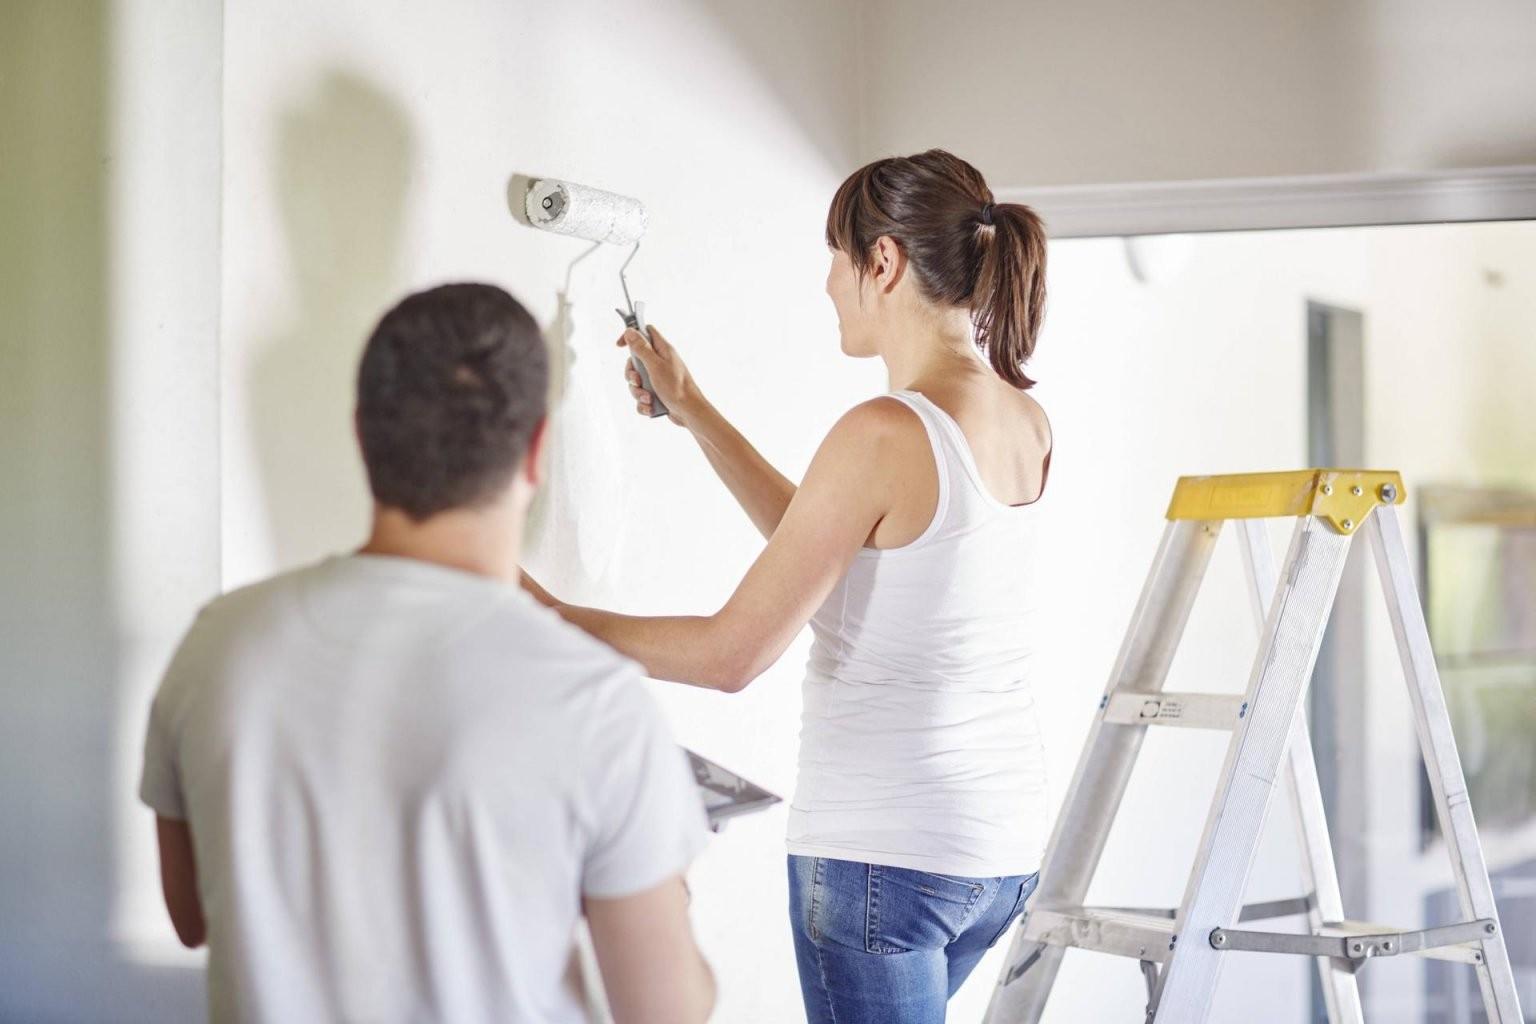 Wände Richtig Streichen Die Besten Tipps Von Profis von Wände Streichen Ohne Tapete Bild